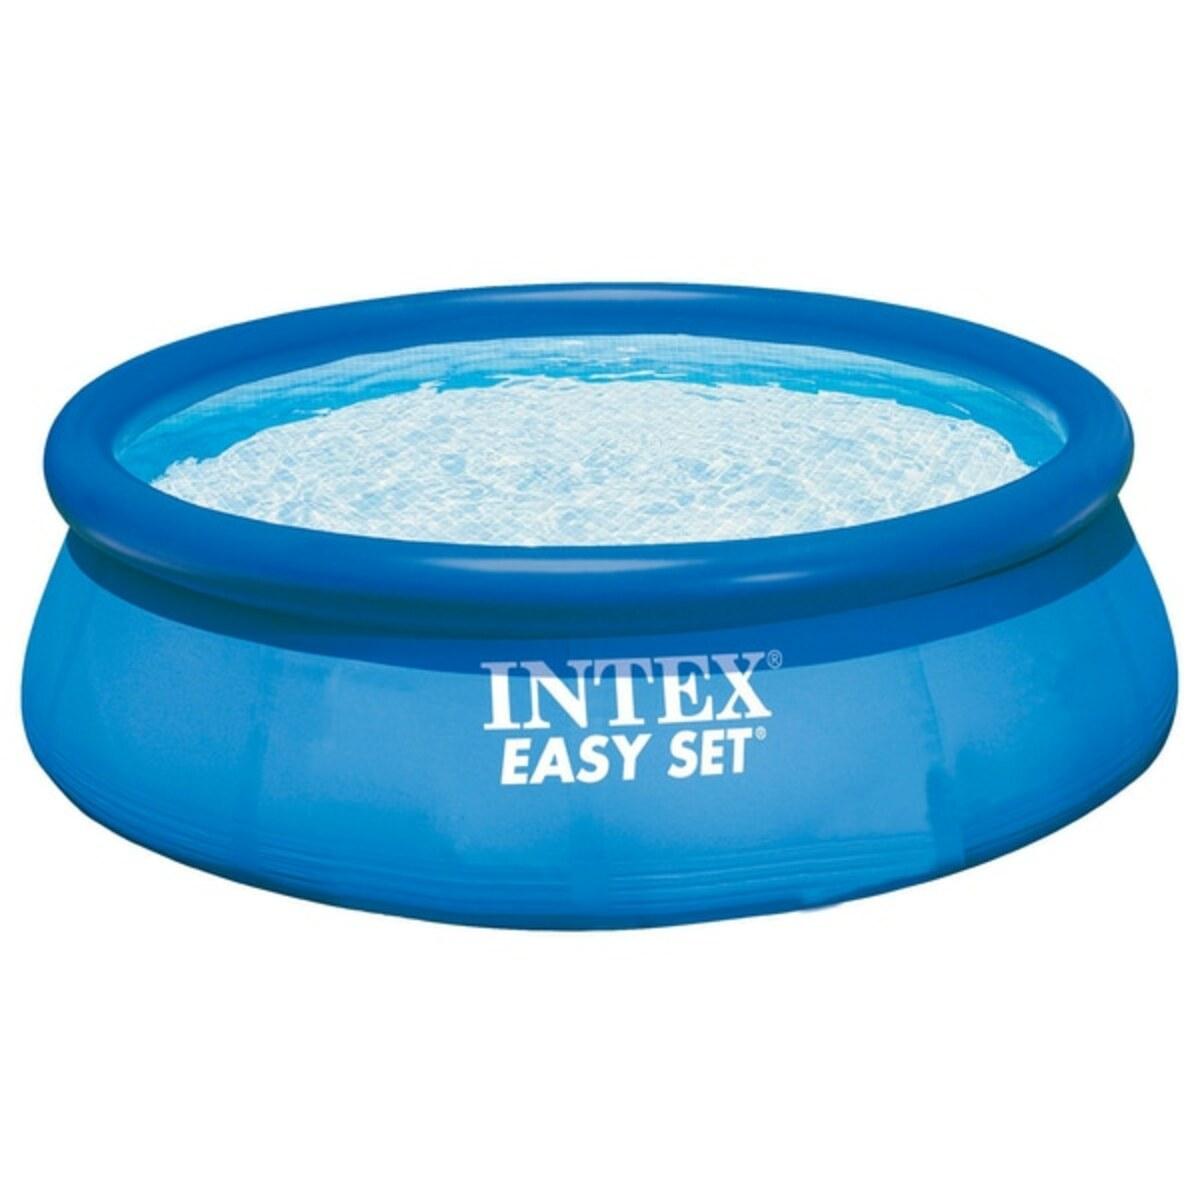 Bild 2 von Intex - Pool Easy Set, Ø 244 cm